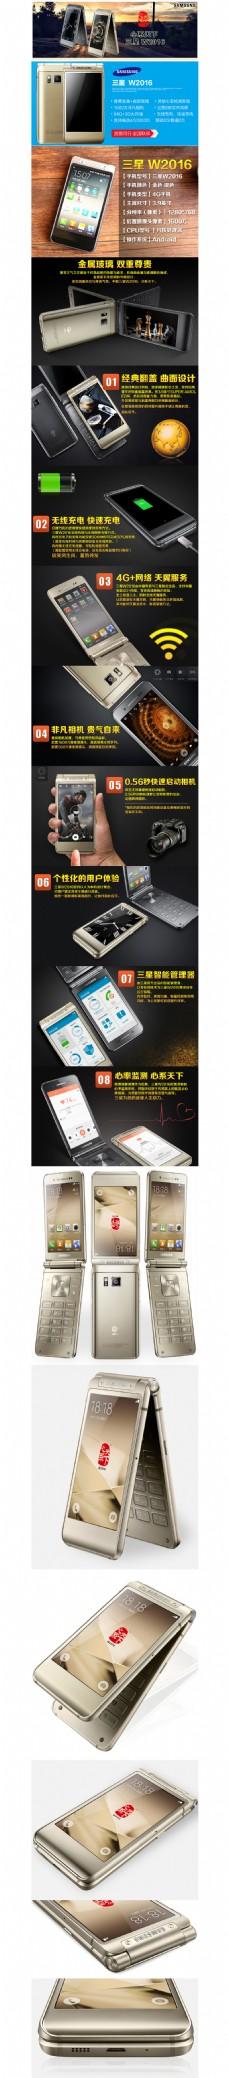 墨水坊设计手机W2016宝贝详情